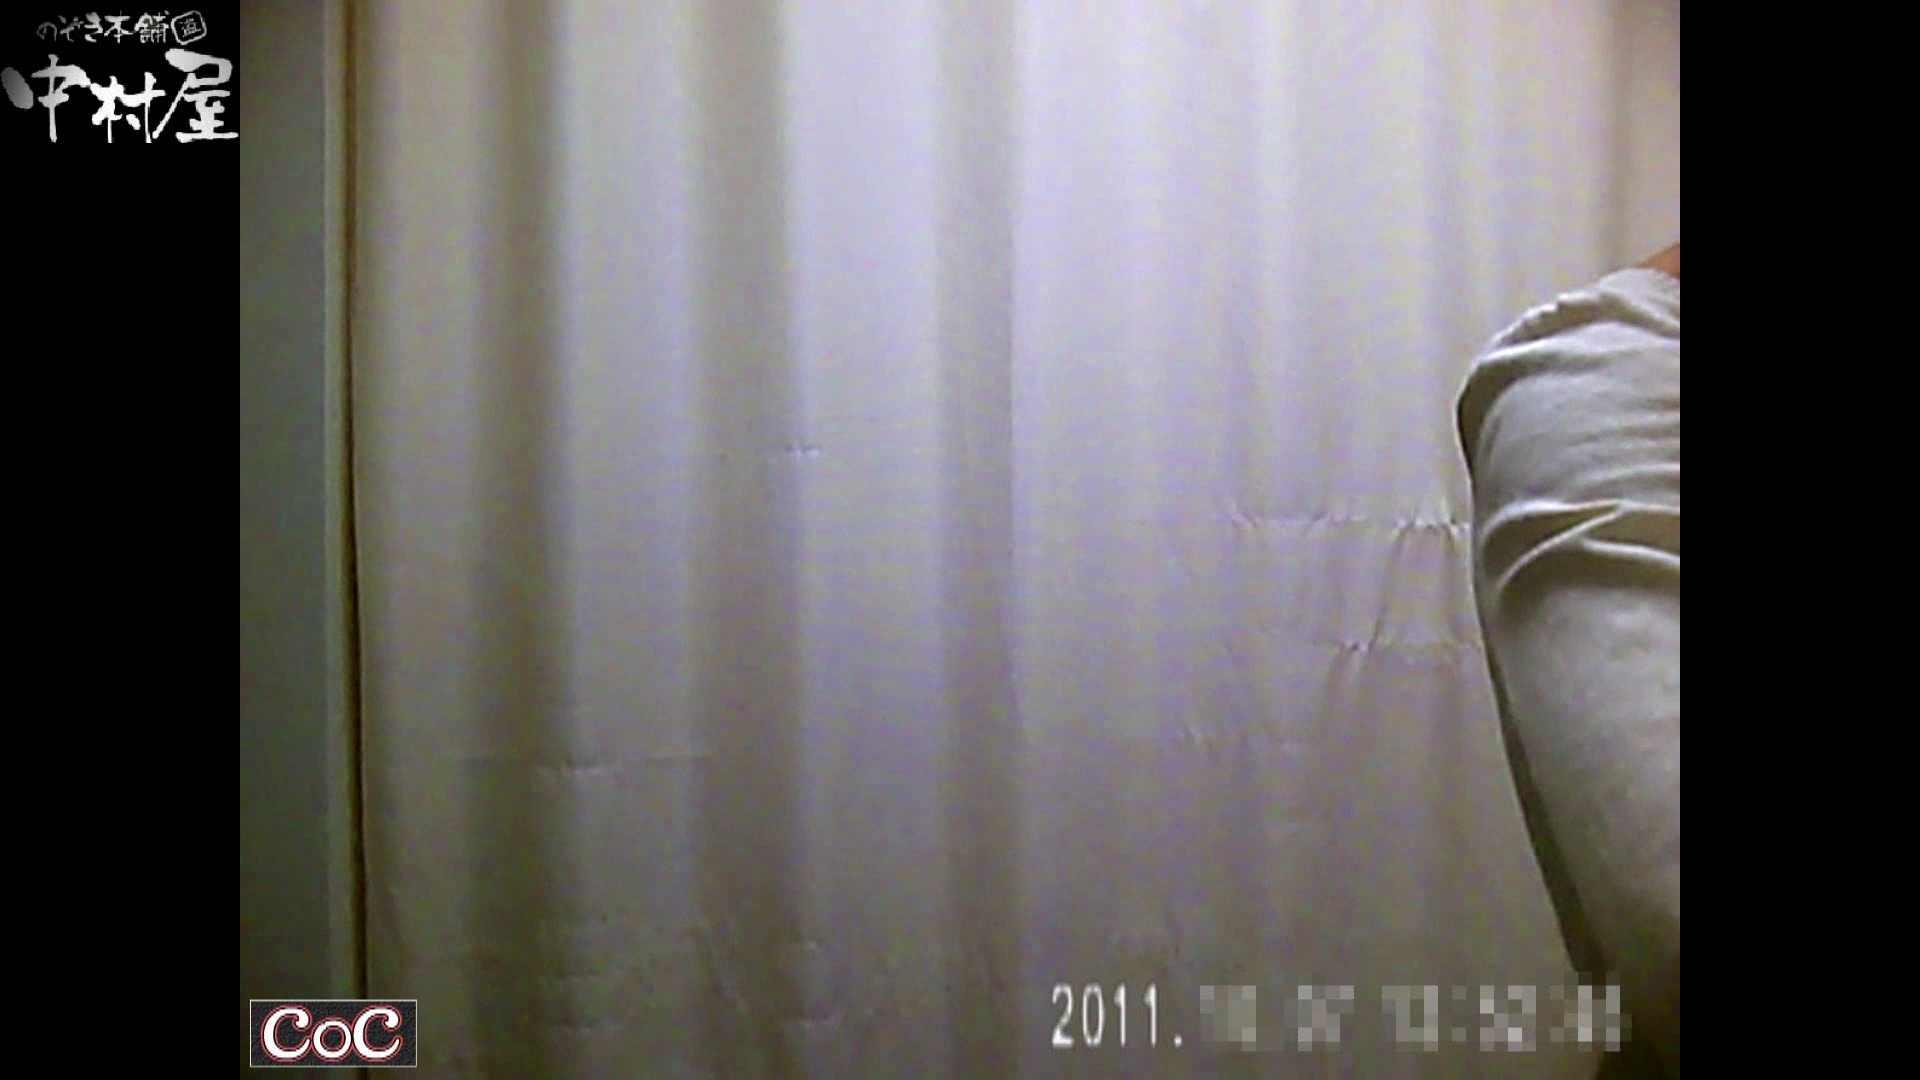 激ヤバ健康診断!着替えの一部始終.vol.53※本編ボカシ・目線無し 盗撮 オマンコ無修正動画無料 51画像 20